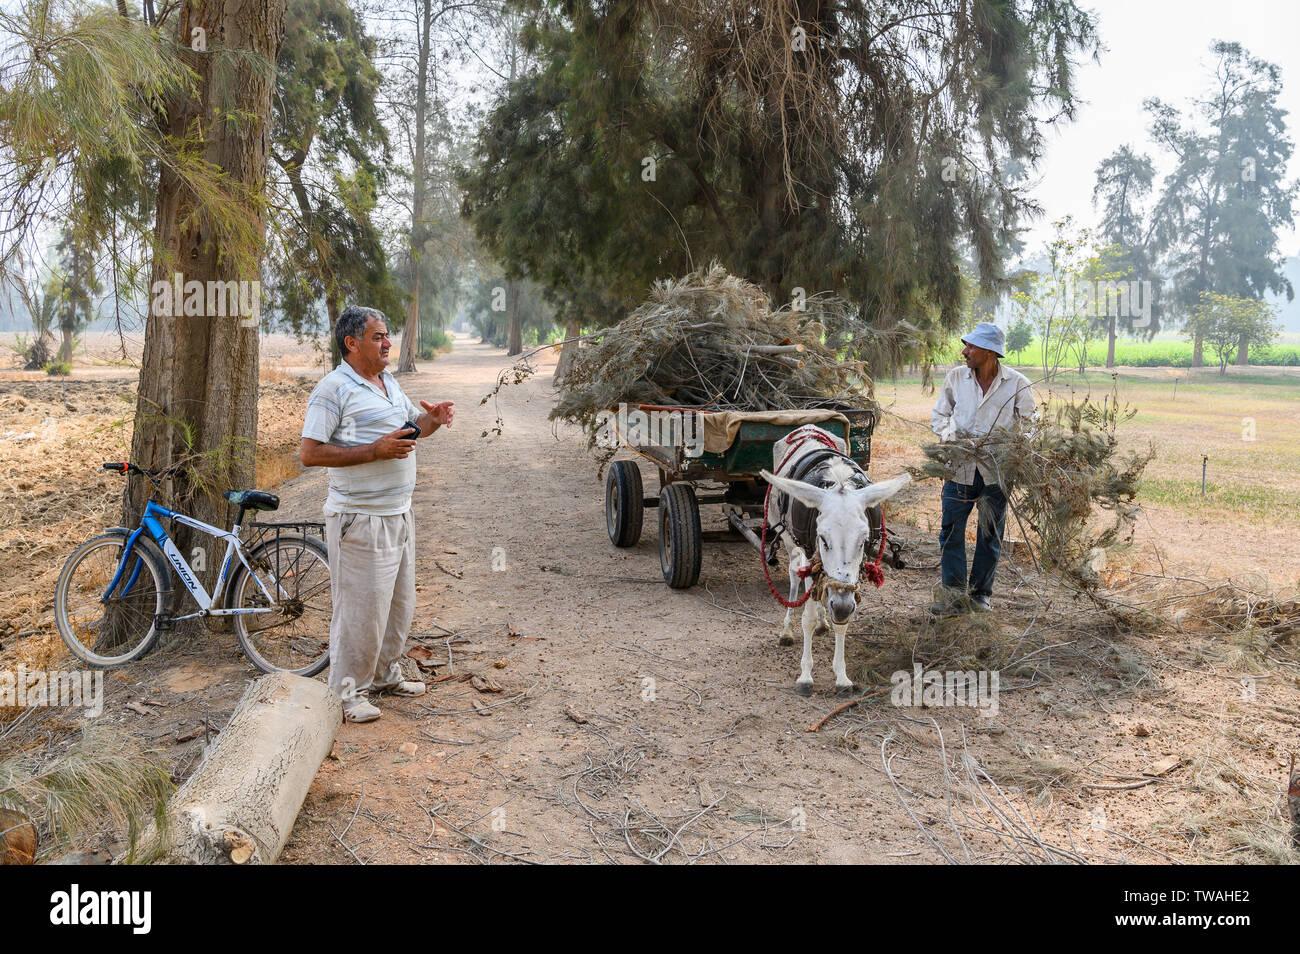 Sekem farm, Markaz Belbes, Egypt - Stock Image